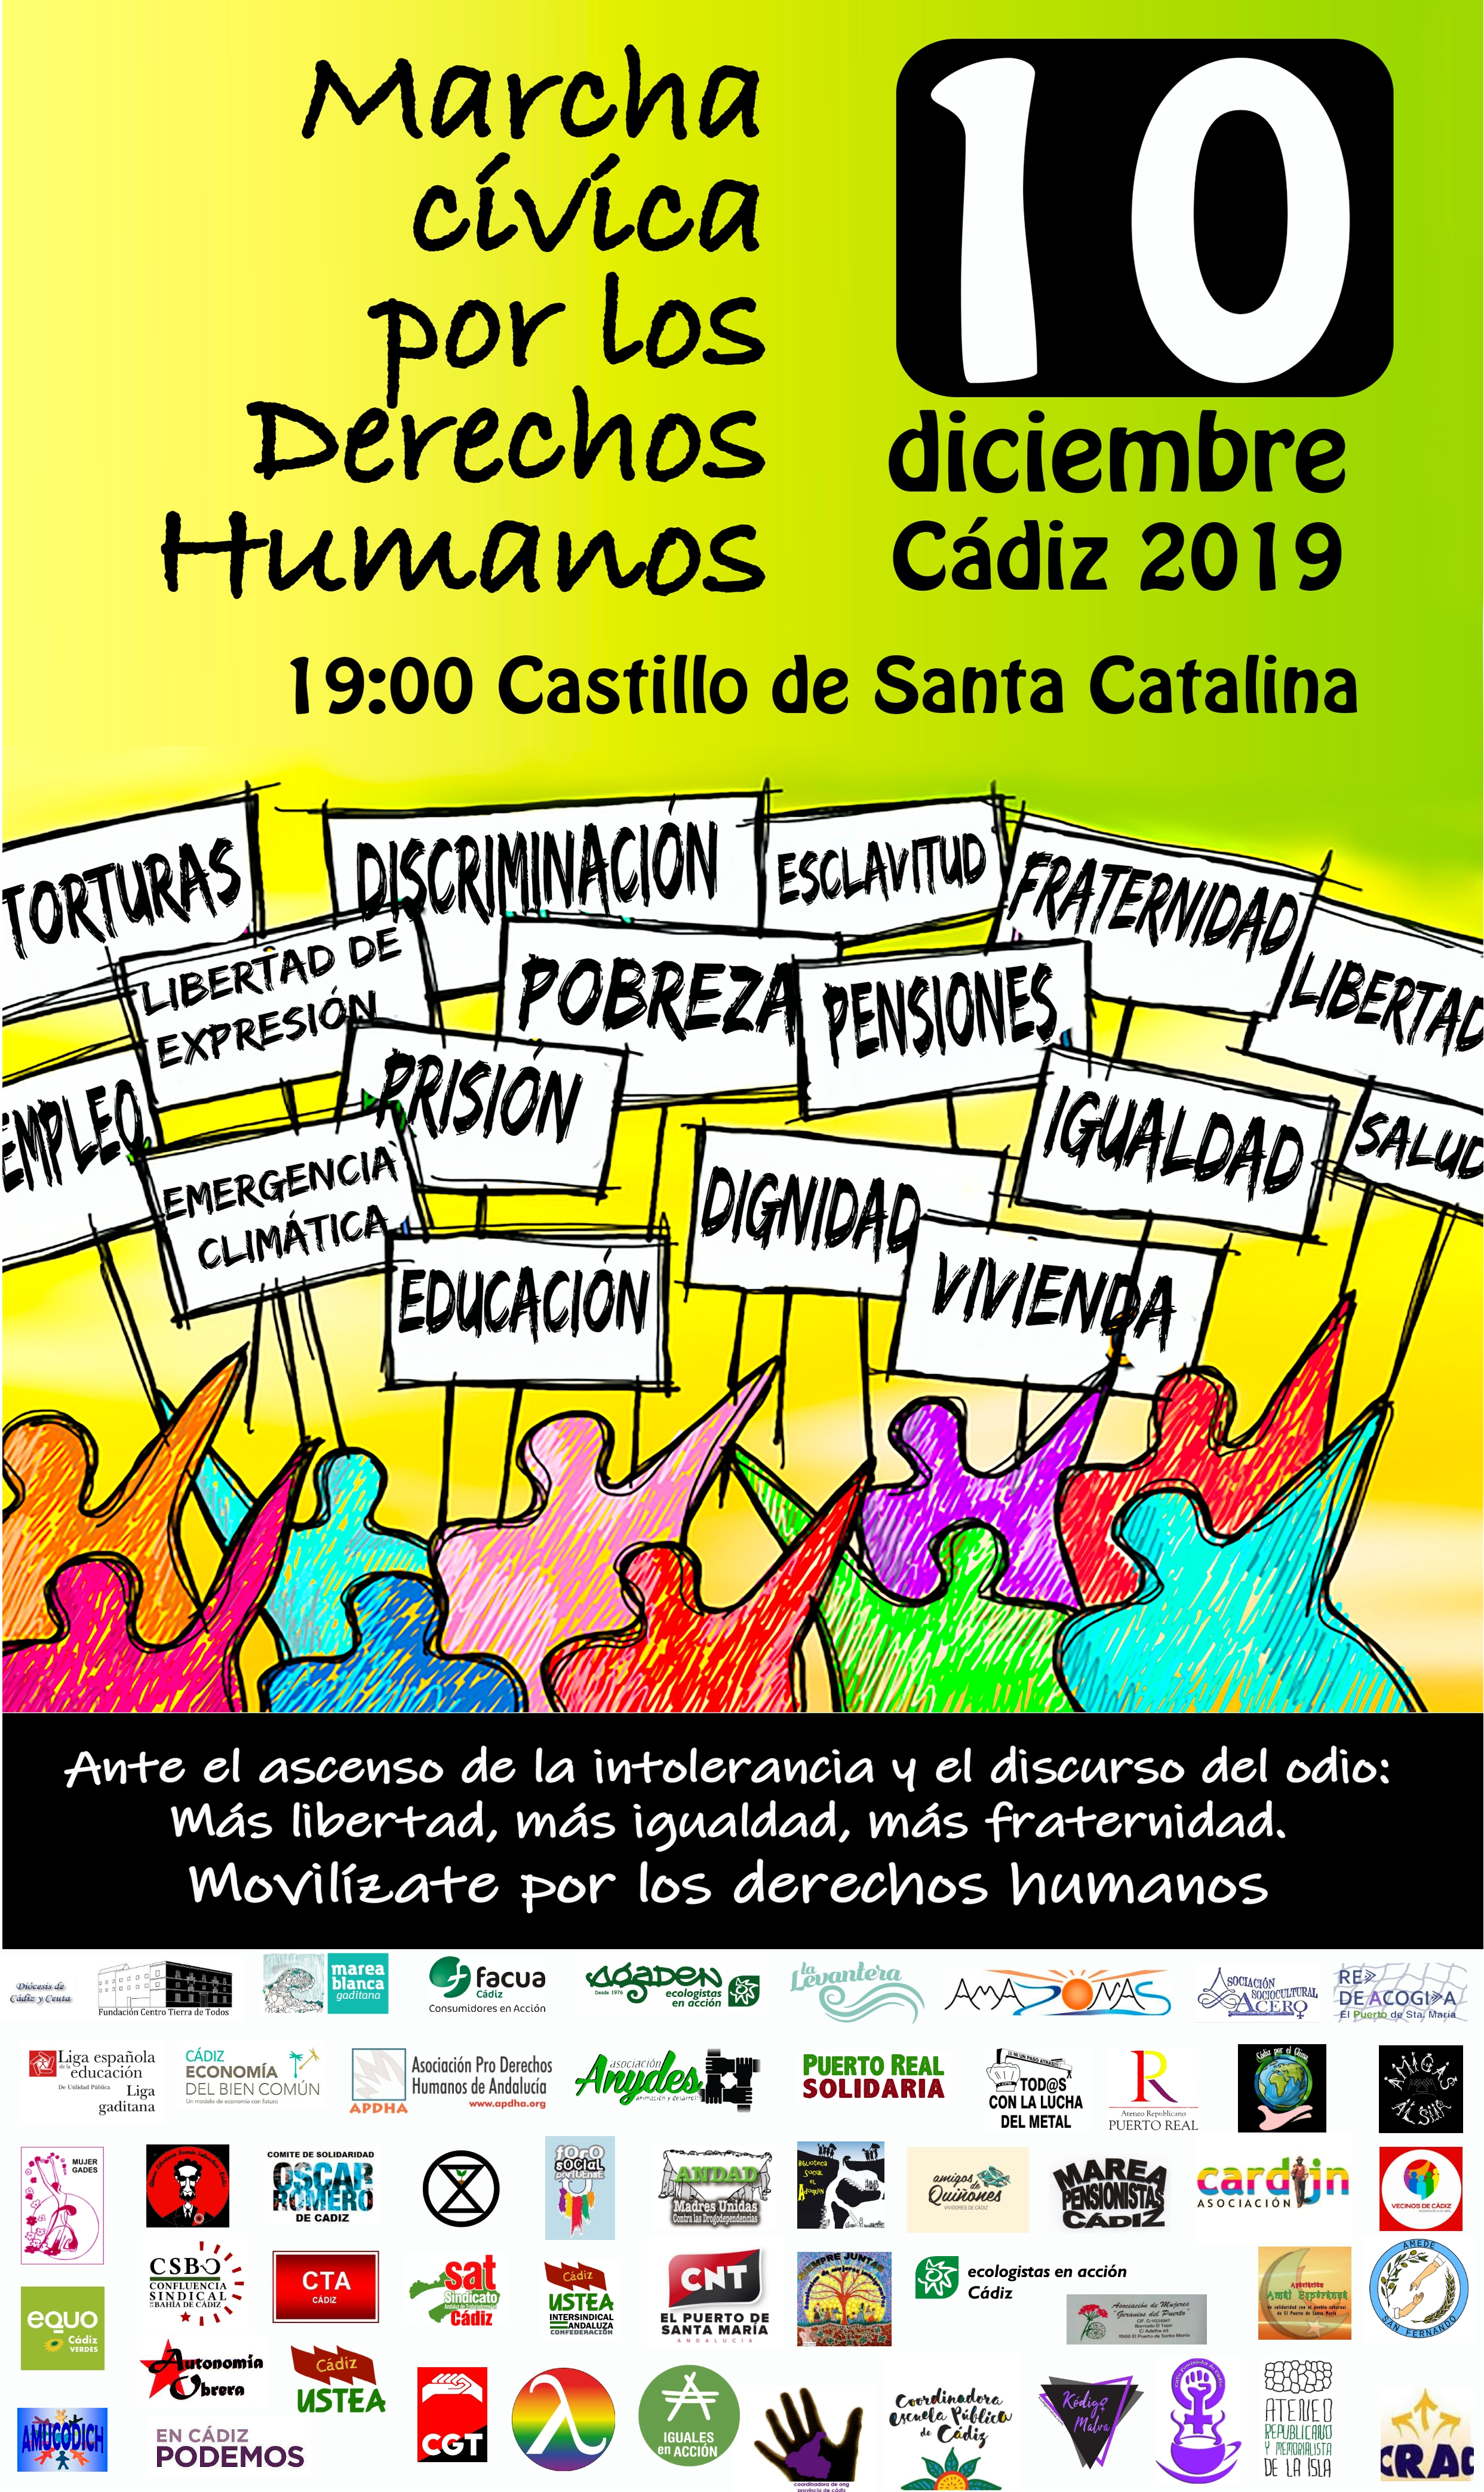 CÁDIZ 10 Diciembre '19 Movilízate por los #DerechosHumanos